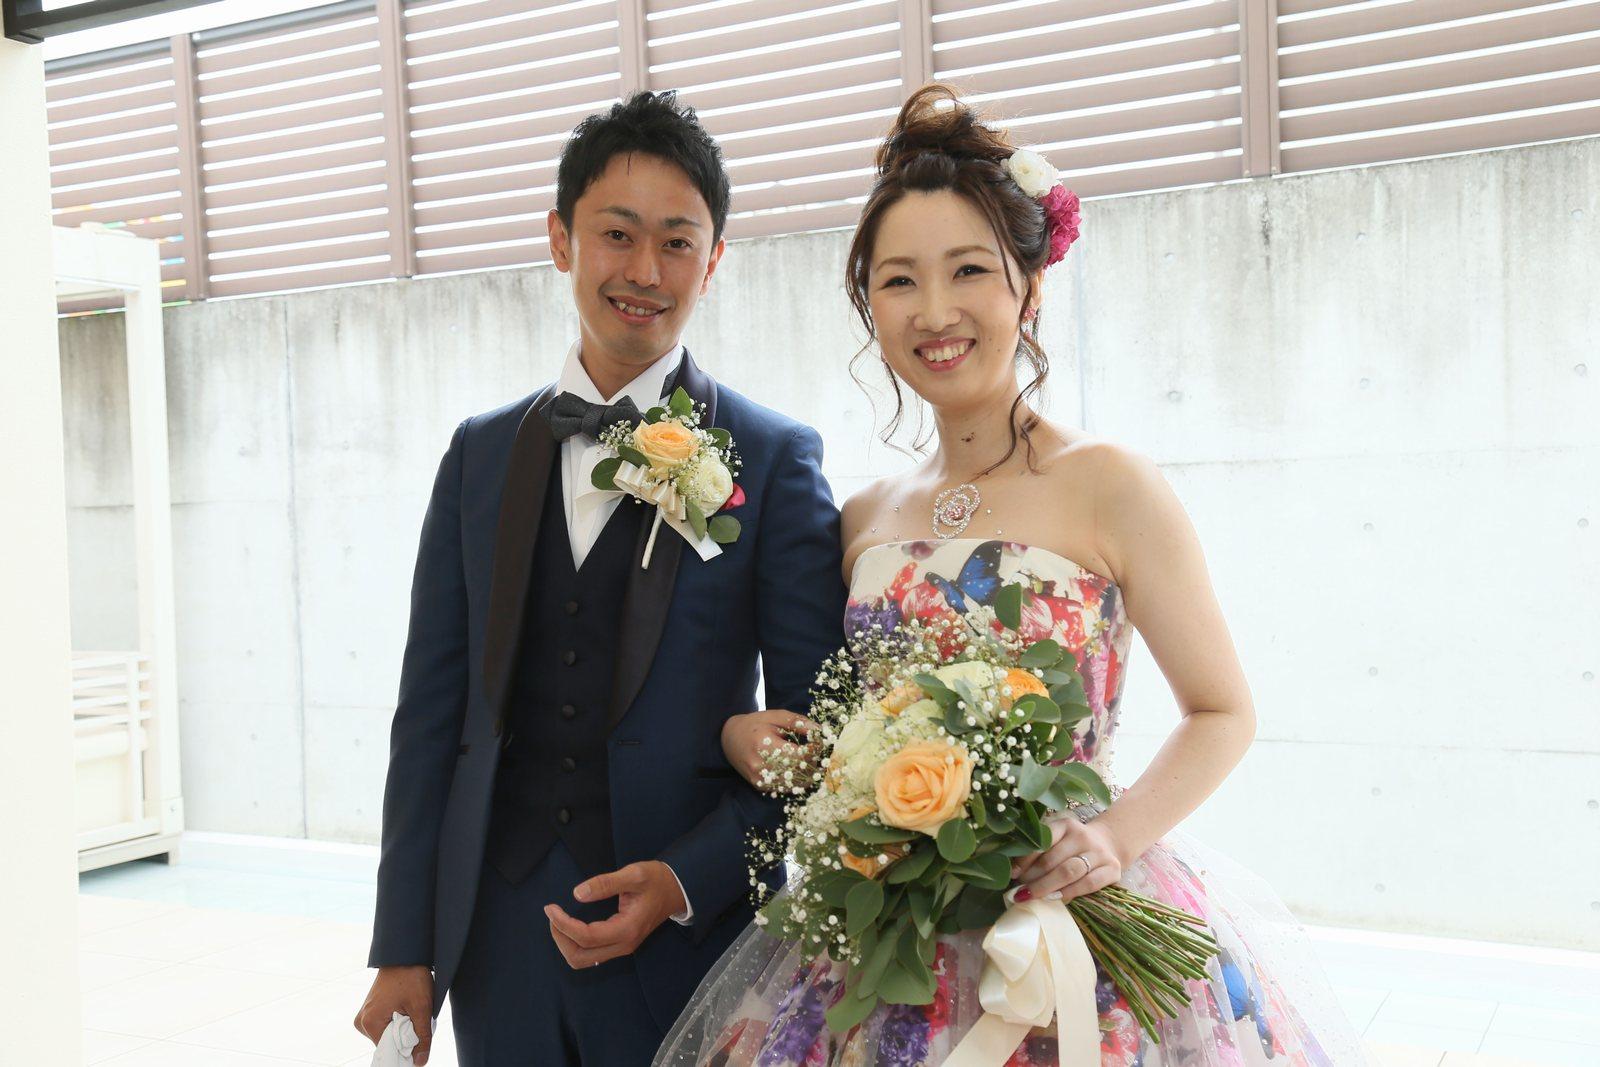 高松市の結婚式場アイルバレクラブの披露宴 会場への再登場前にお二人でパシャリ。